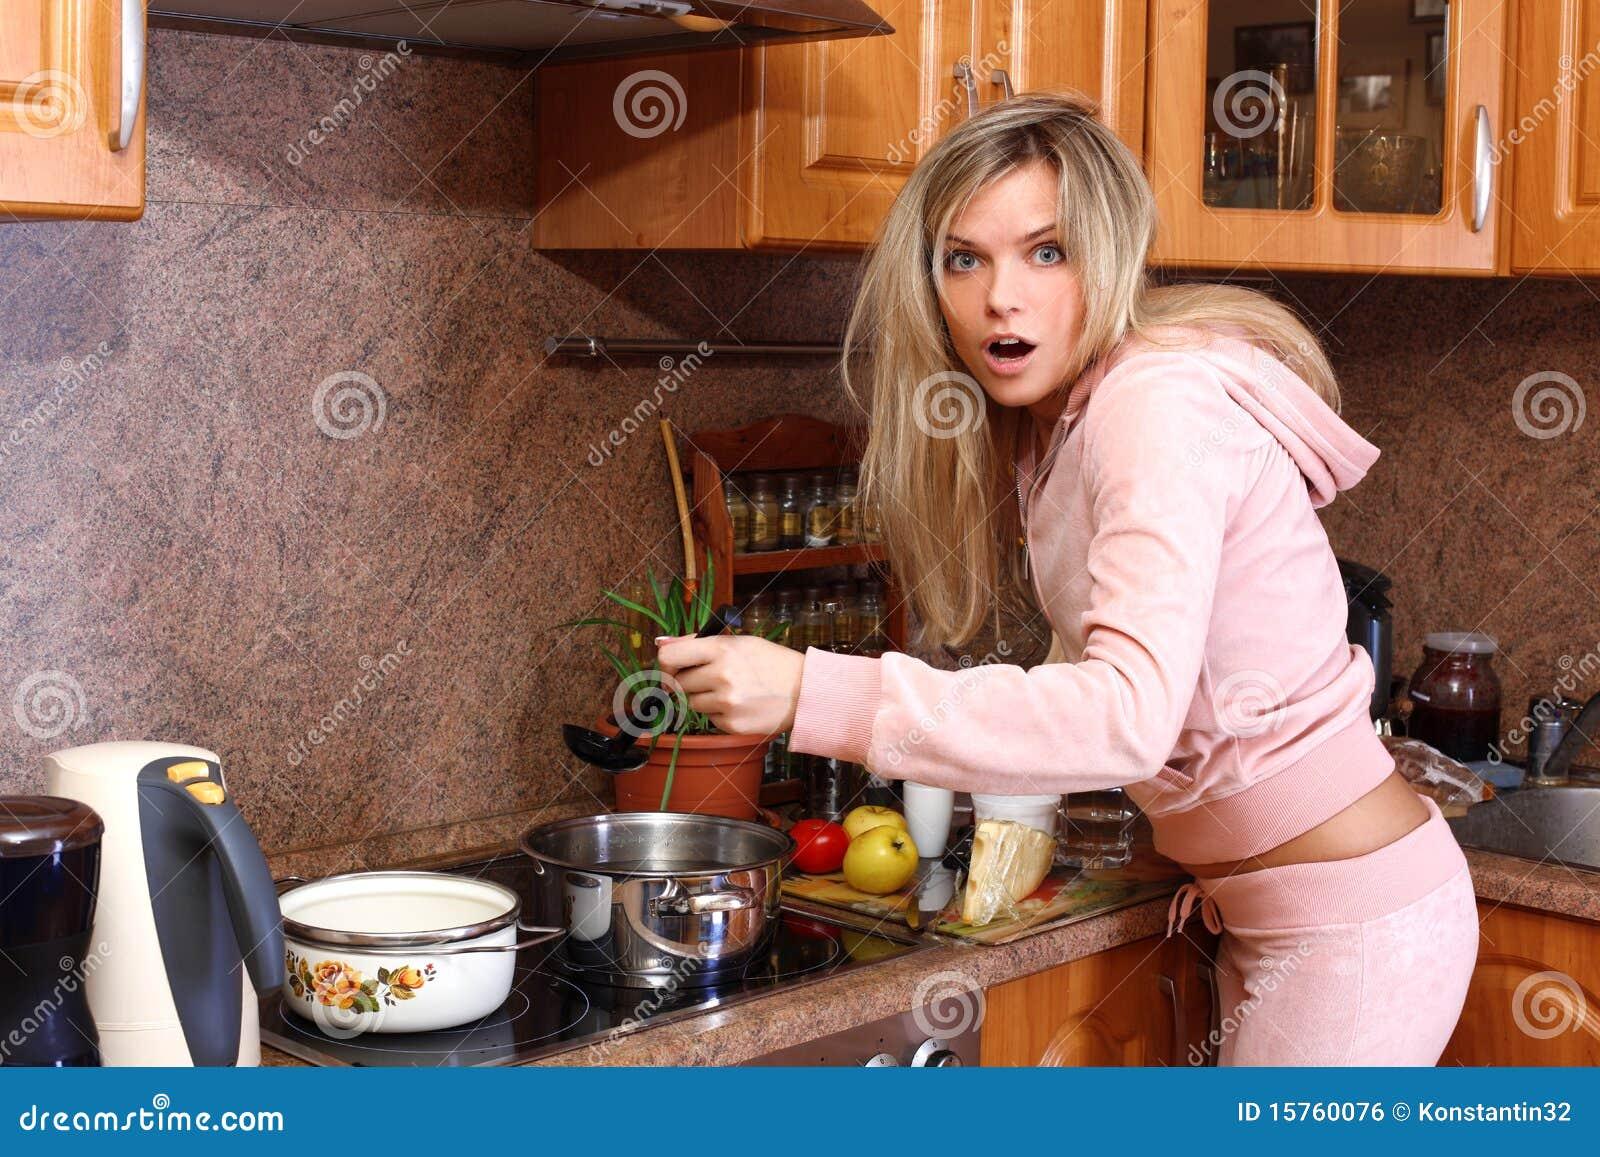 Фото девушка есть борщ